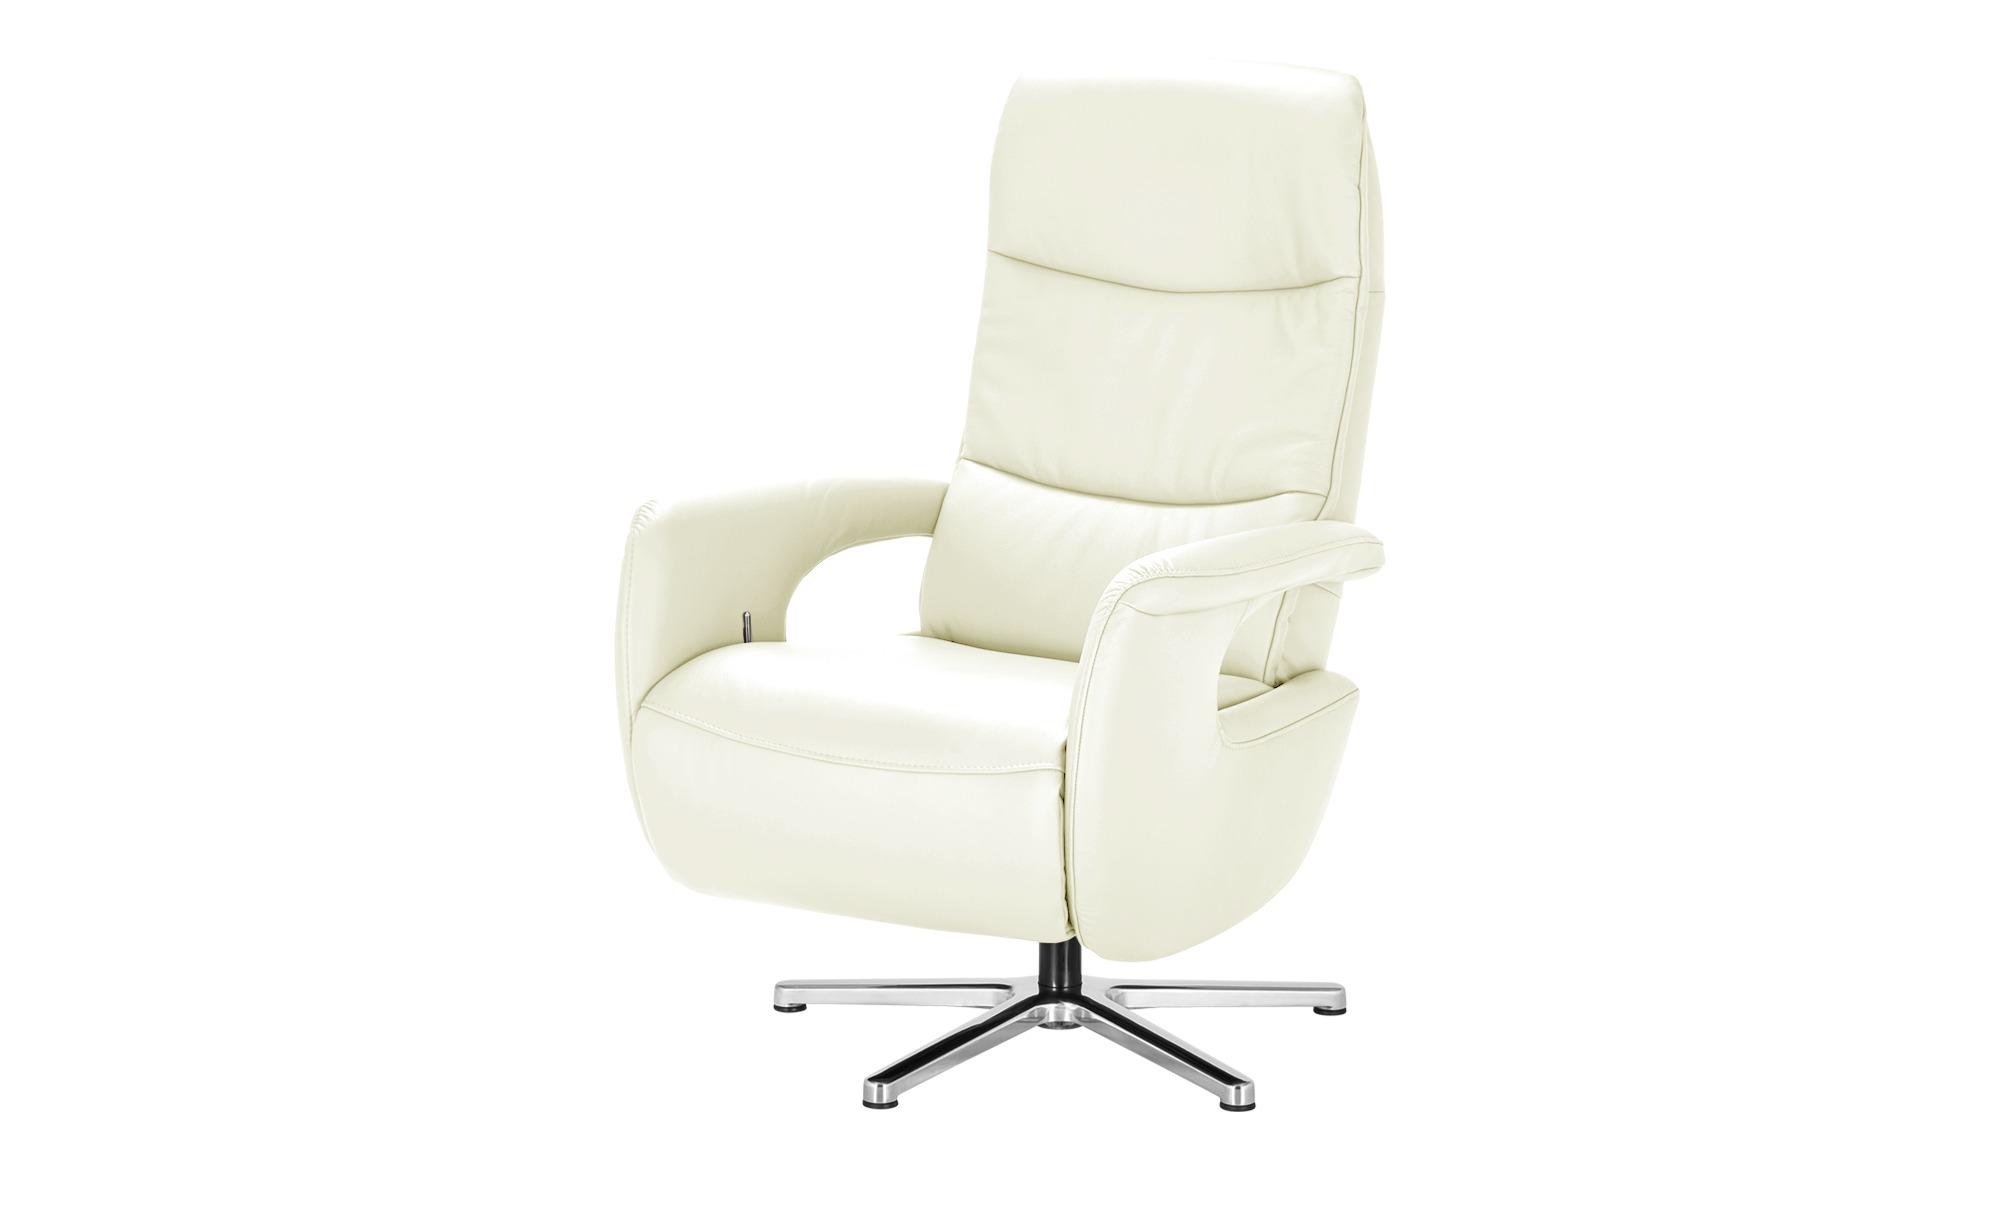 Hukla Relaxsessel  Enno ¦ weiß ¦ Maße (cm): B: 72 H: 110 T: 85 Polstermöbel > Sessel > Fernsehsessel - Höffner